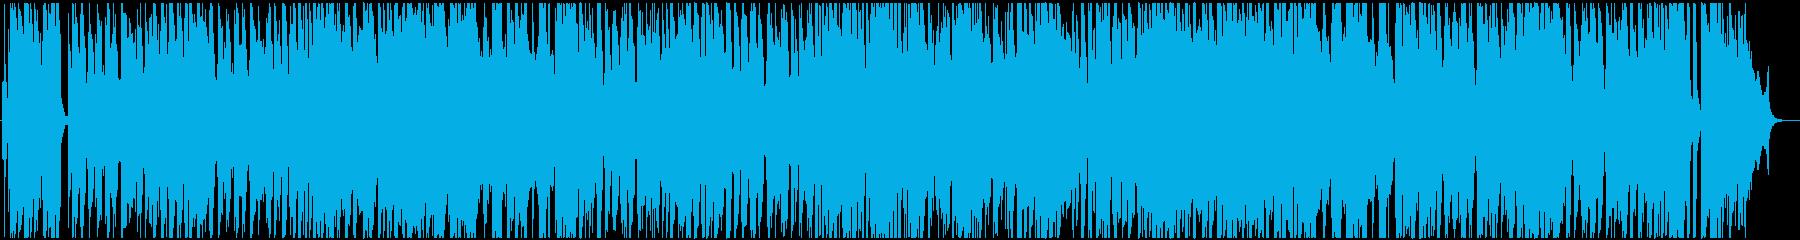 フルートの爽やかな雰囲気のジャズ の再生済みの波形